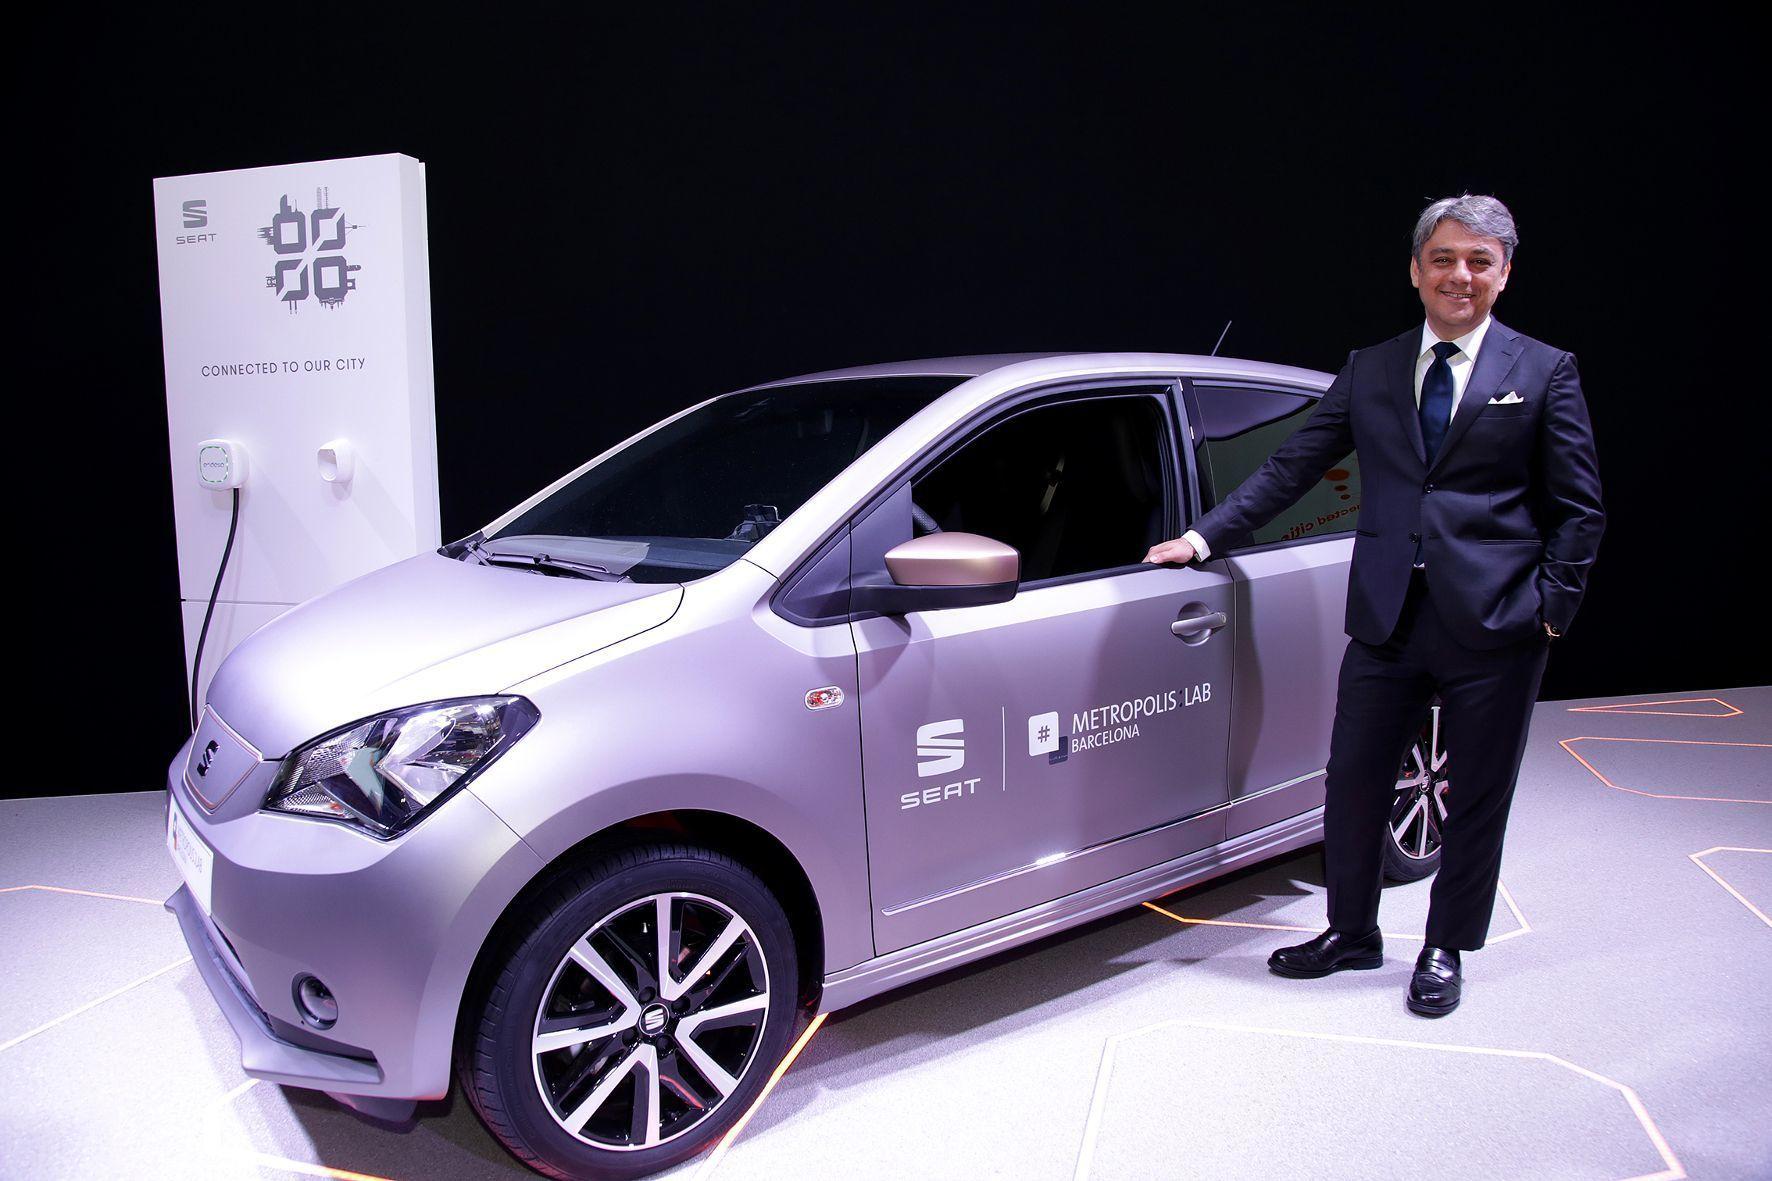 mid Groß-Gerau - Seat hat sich auf die Fahne geschrieben, Vorreiter in Sachen Vernetzung im Auto zu werden. Der Vorstandsvorsitzende Luca de Meo kündigt an, dass schon im kommenden Jahr eine neue Generation an Systemen in den Modellen Einzug hält.